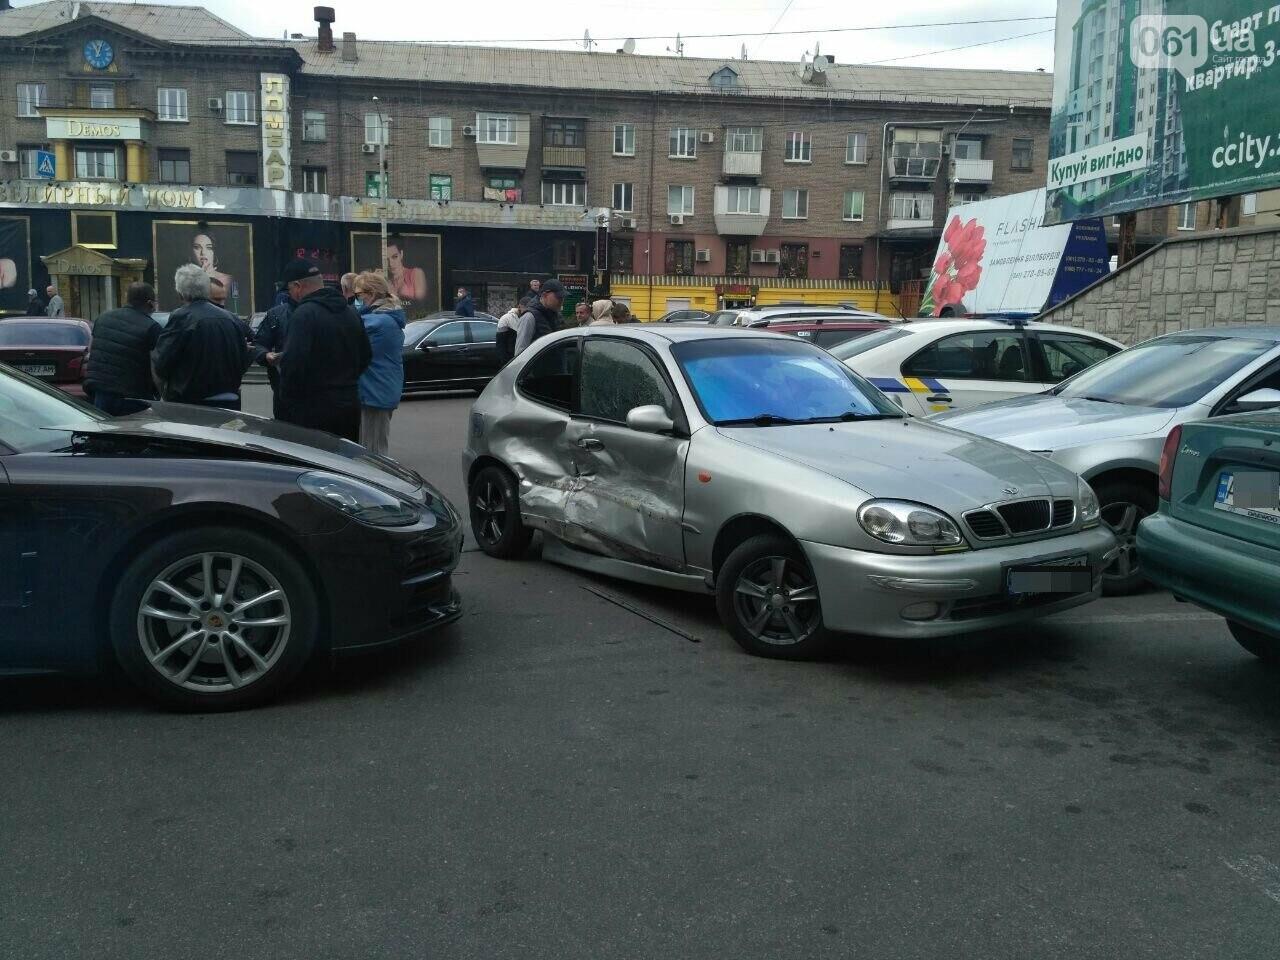 В Запорожье водитель Porsche Panamera протаранила 4 припаркованных авто возле ТЦ - видео момента ДТП, фото-1